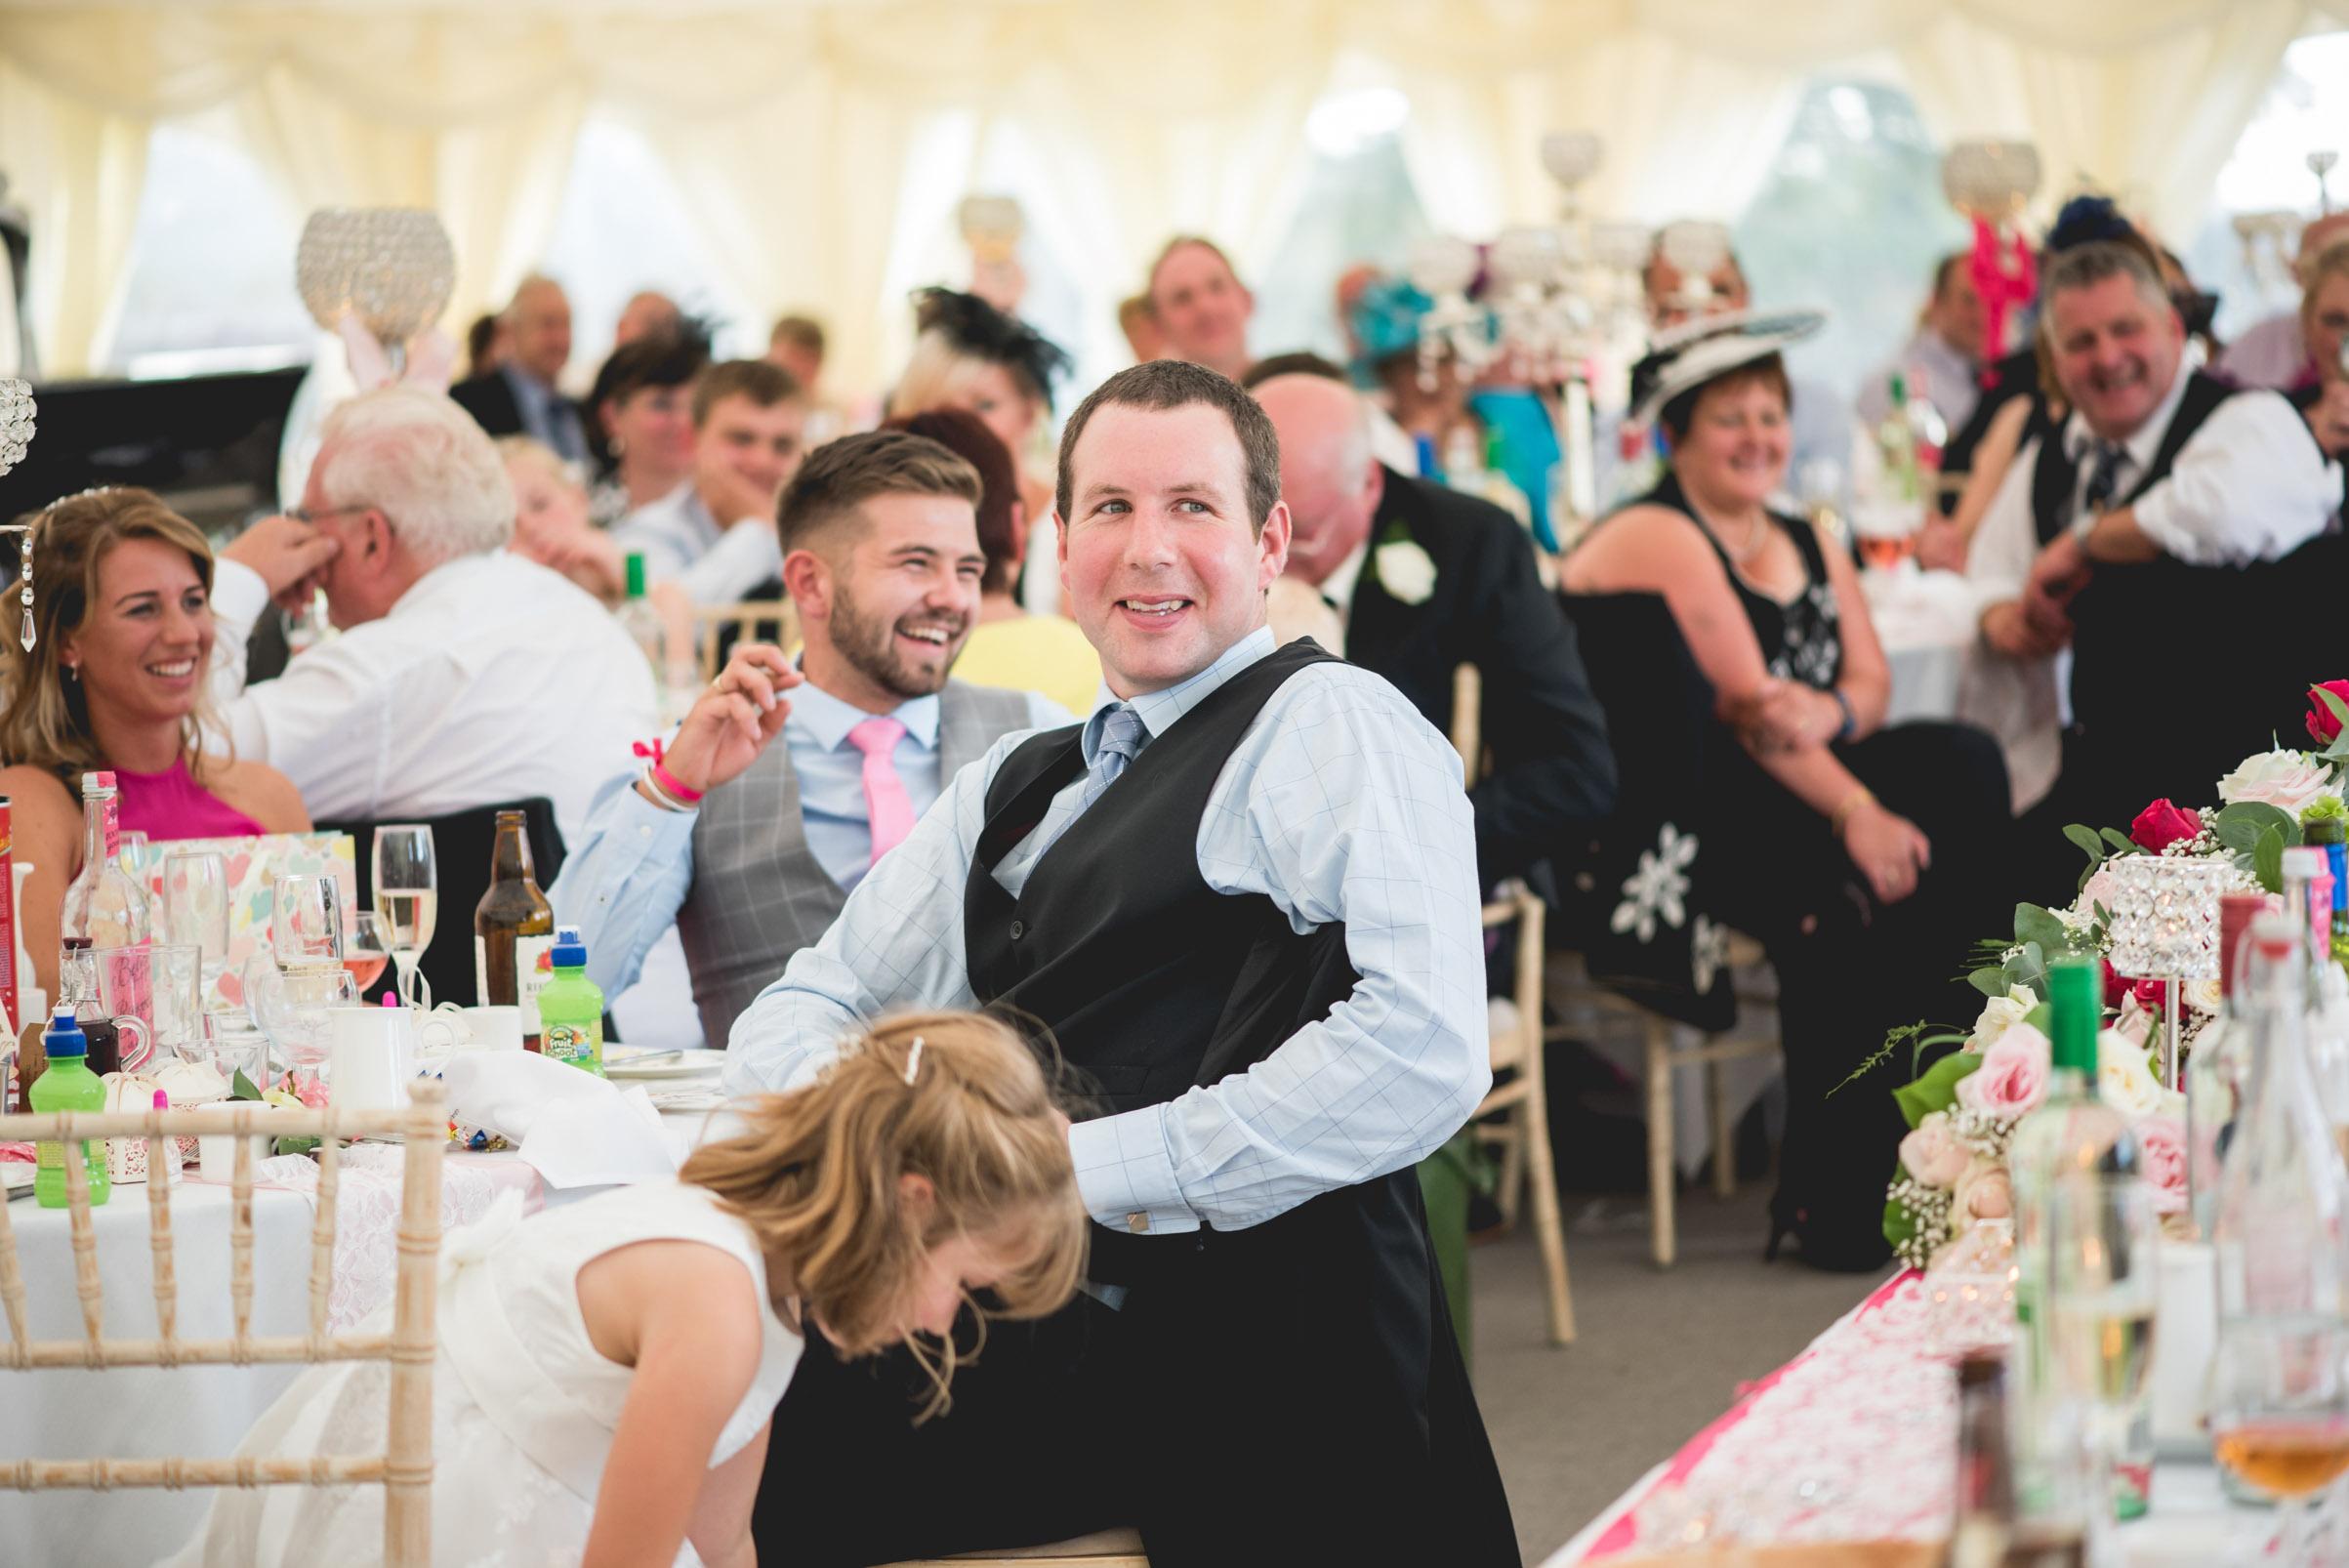 Farm-wedding-staffordshire-st-marys-catholic-church-uttoxter-106.jpg